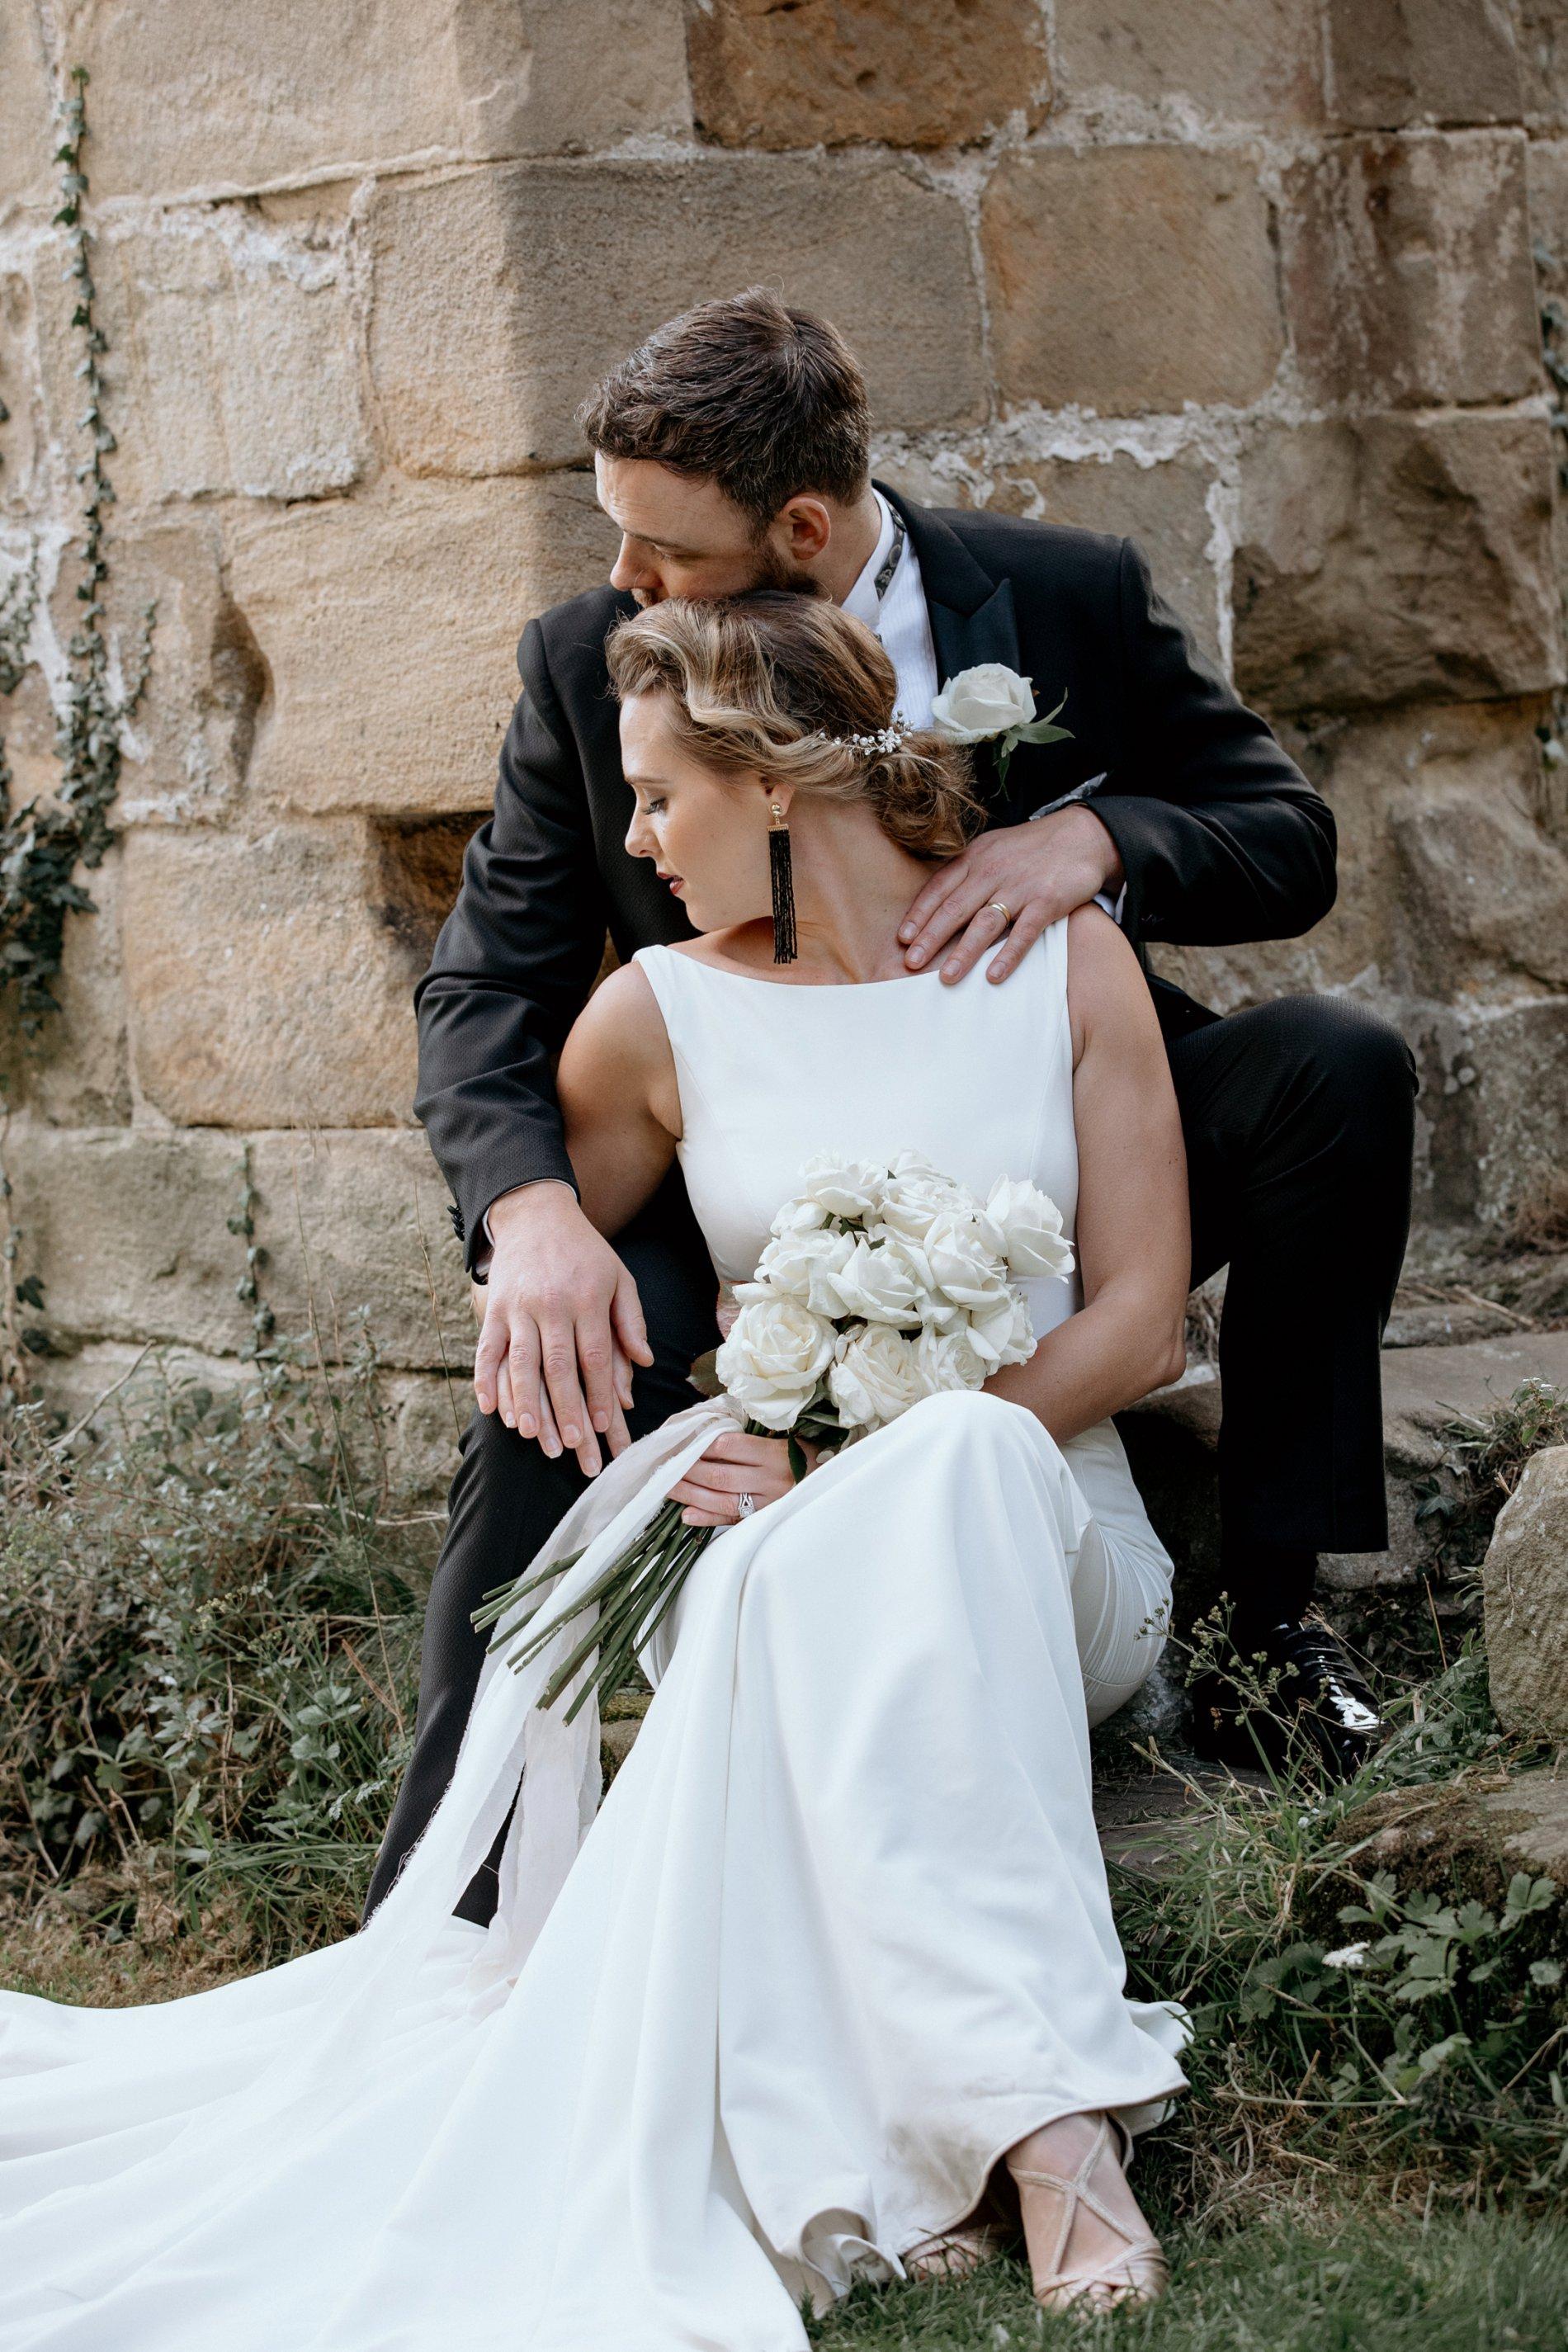 An Elegant Wedding Shoot at Jervaulx Abbey (c) Natalie Hamilton Photography (62)